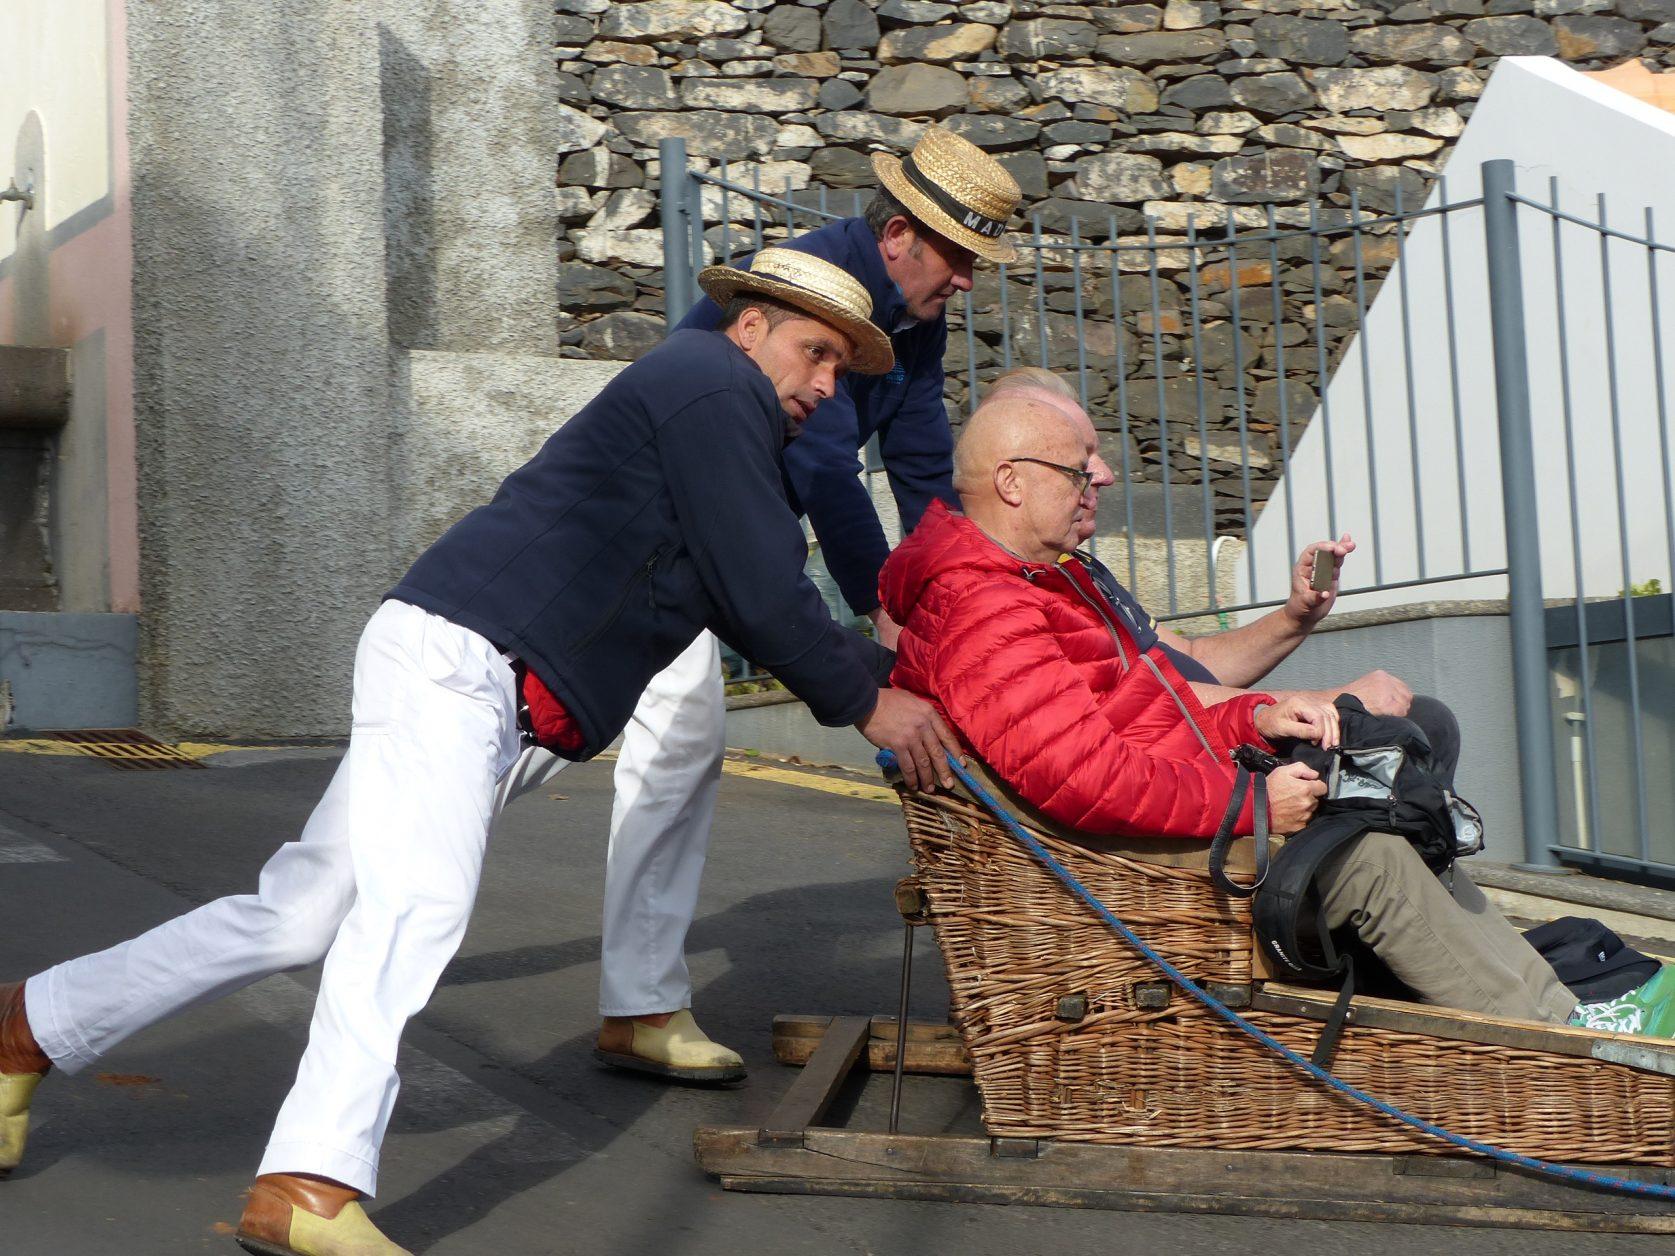 Zu Beginn in Monte muß der Schlitten kräftig angeschoben werden, Foto: D.Weirauch